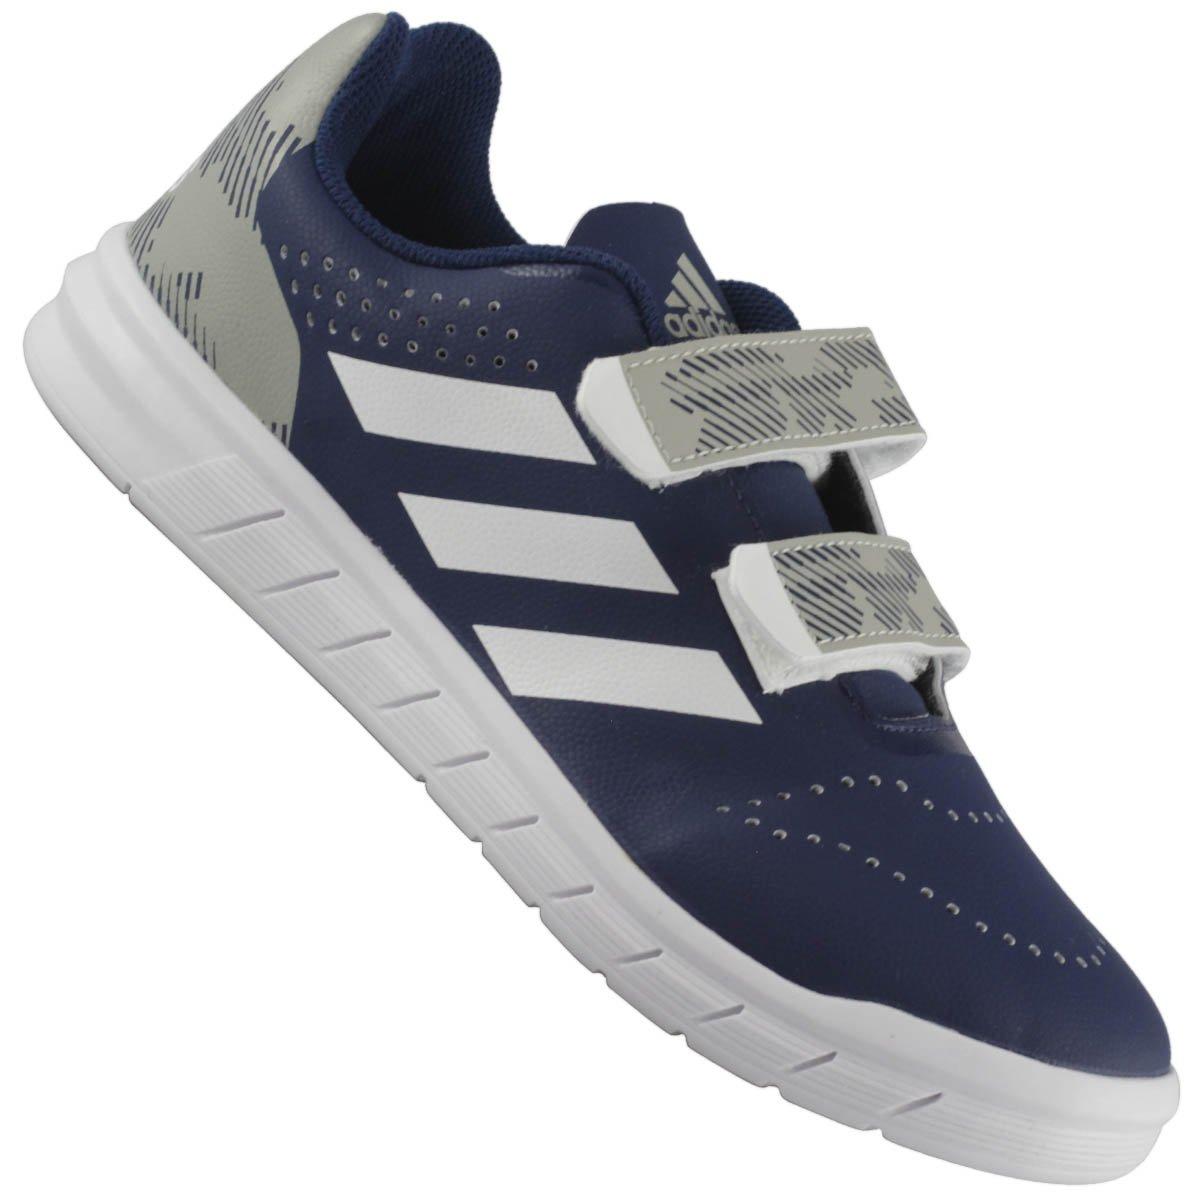 a5e1b4d9c67 Tênis Adidas Quicksport CF C Infantil